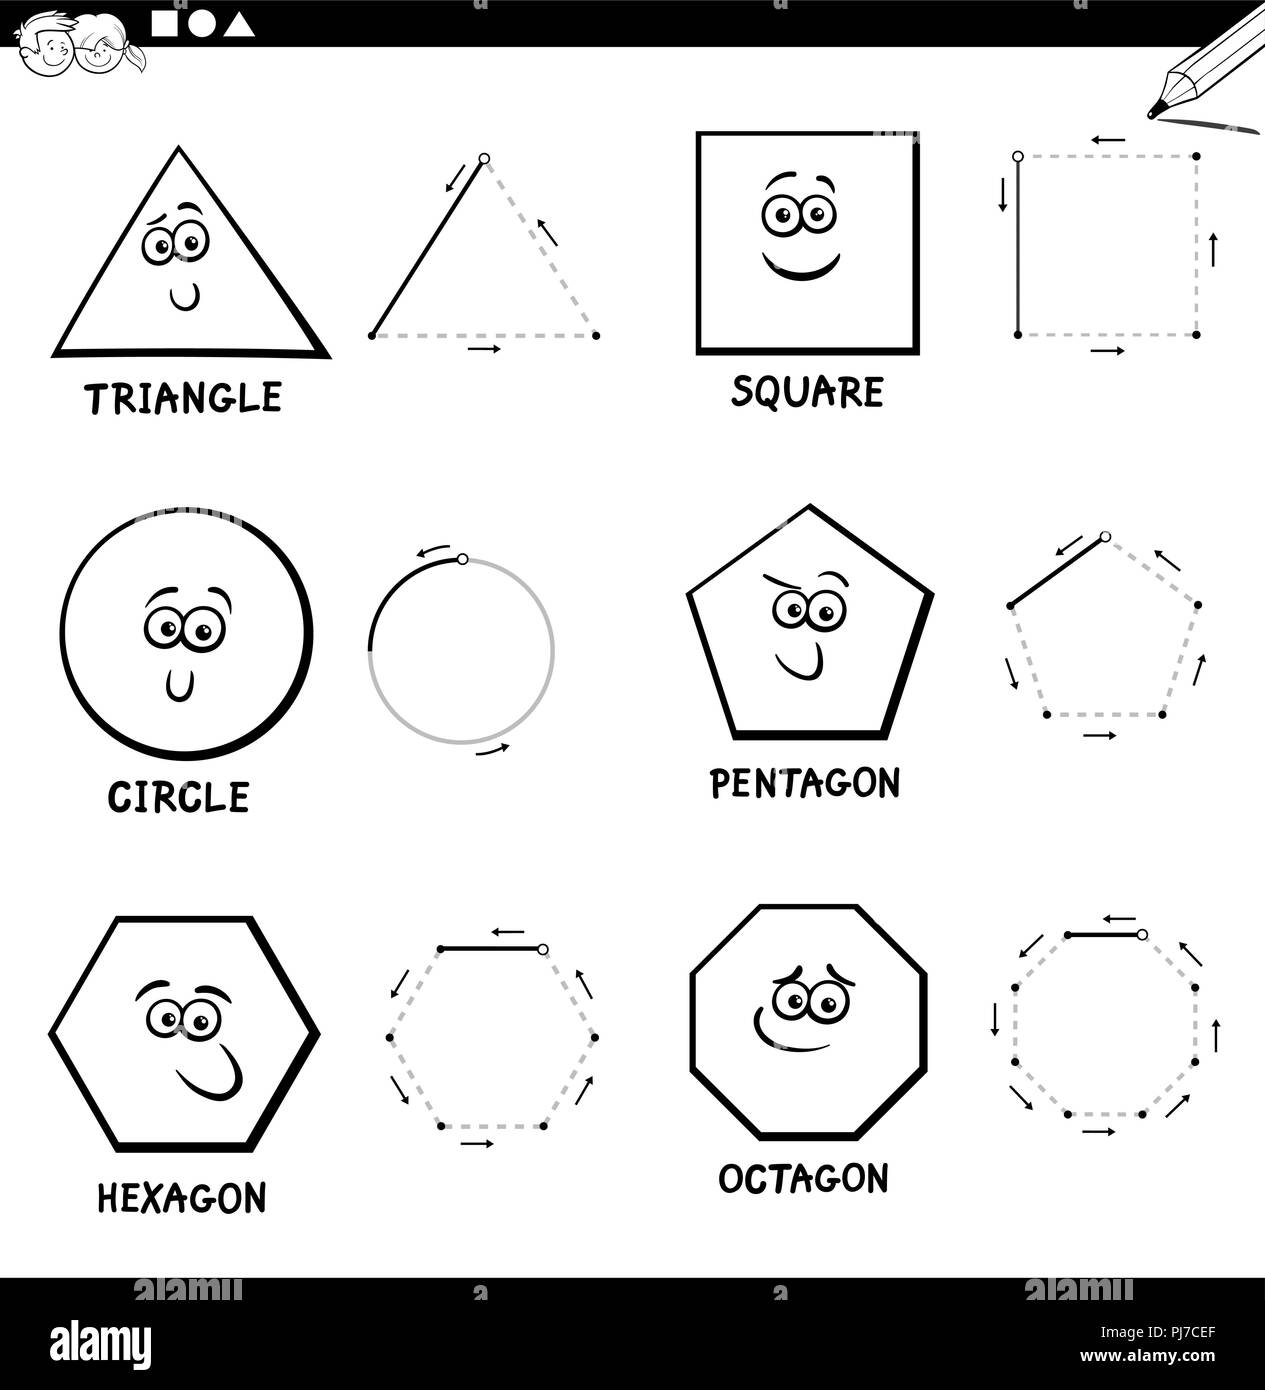 En Blanco Y Negro De Dibujos Animados Educativos Ilustracion De